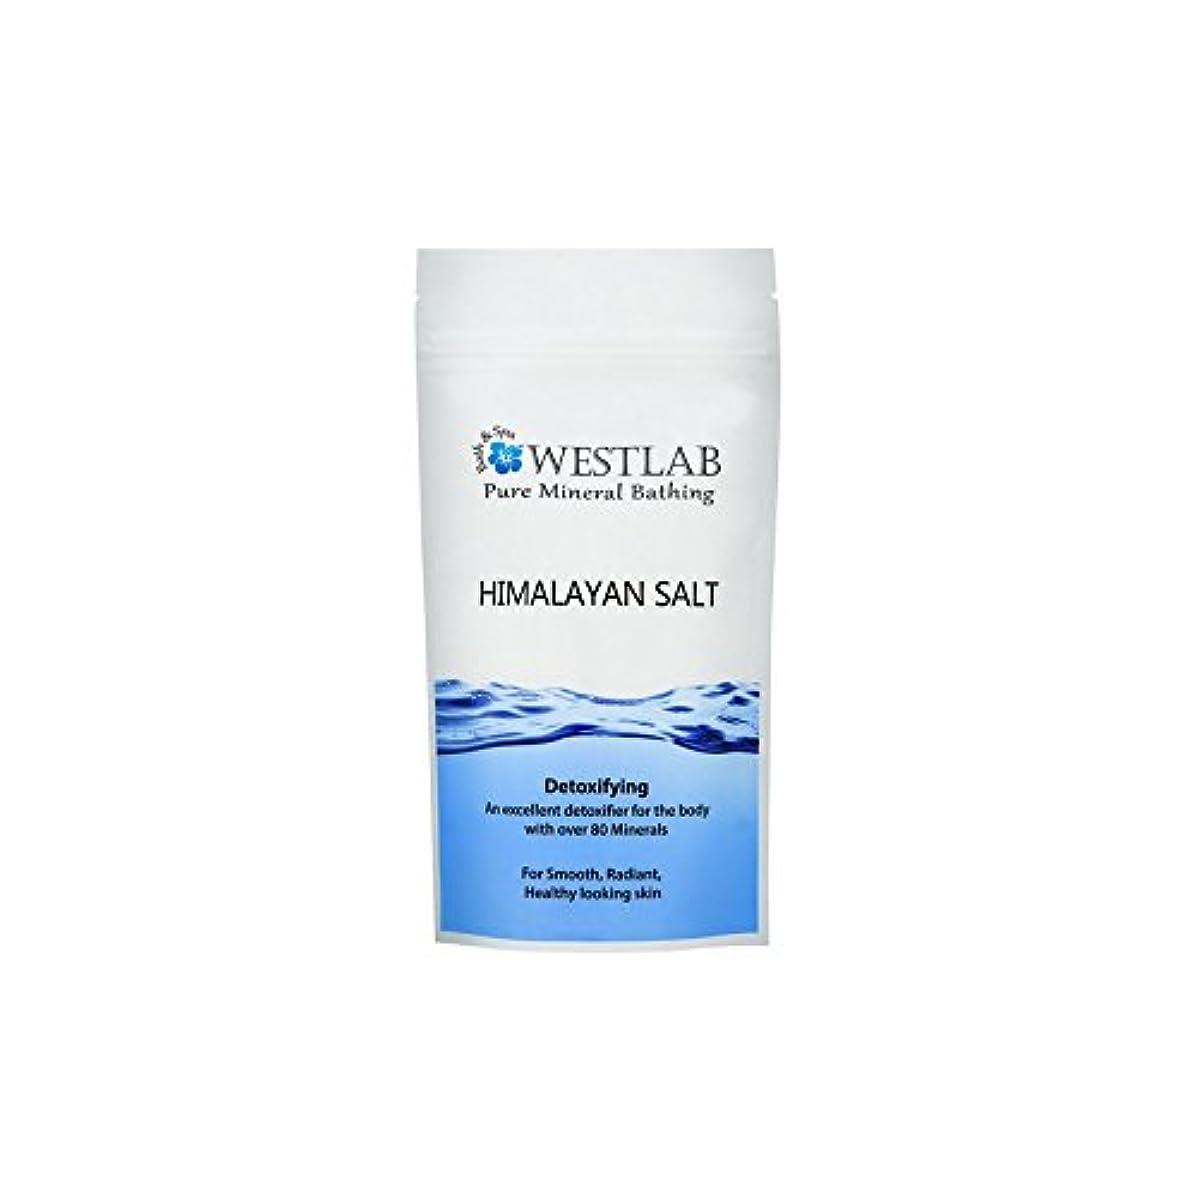 発火する勢い取り除くヒマラヤの塩500グラム x2 - Westlab Himalayan Salt 500g (Pack of 2) [並行輸入品]